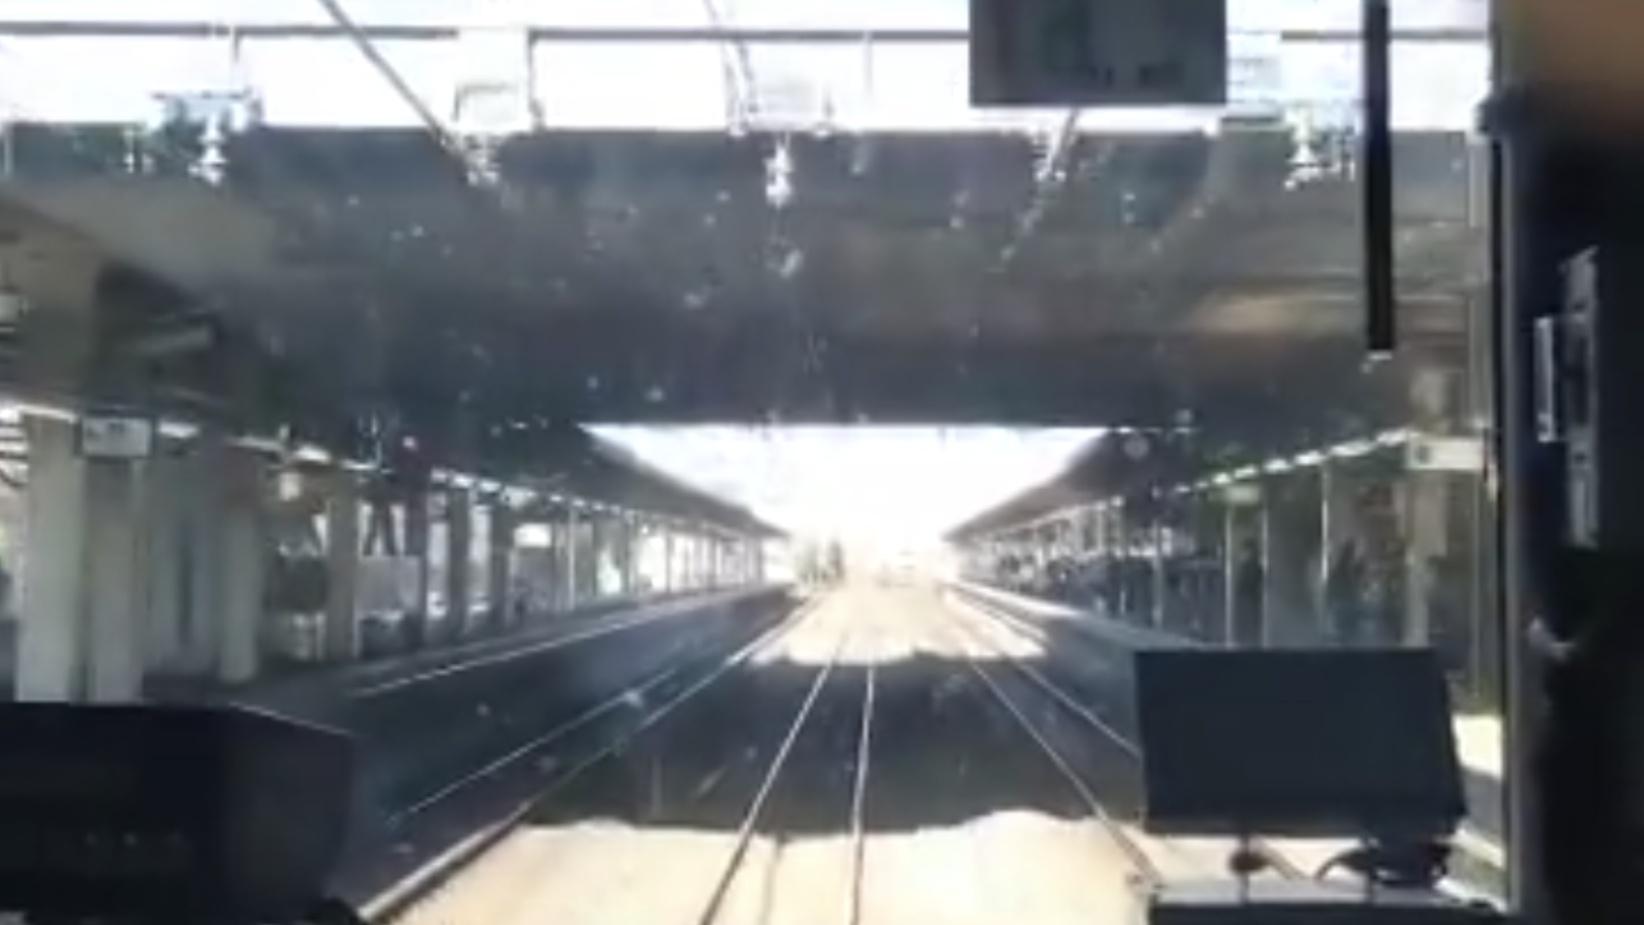 【呪われた久喜】火災に続き宇都宮線久喜駅のポイントが故障 貨物線を使い通過扱いで再開するも再び全線運休に